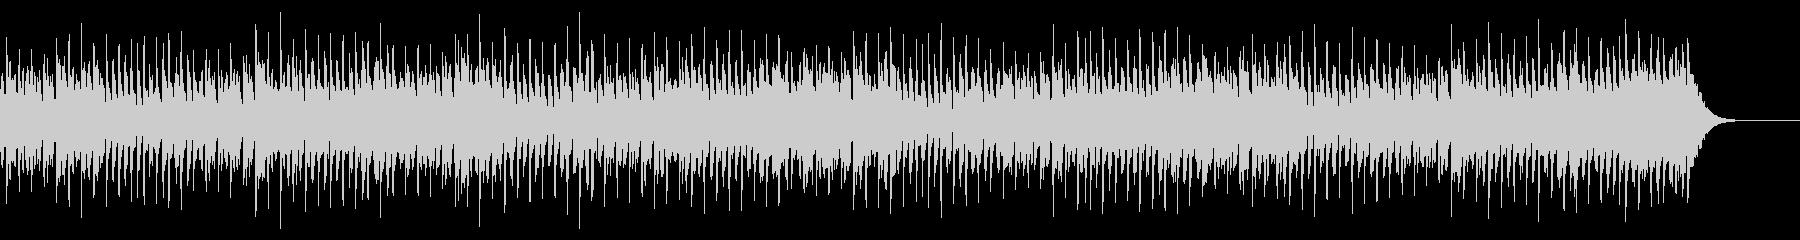 プロダクトムービー用 淡々と繰り返し2の未再生の波形